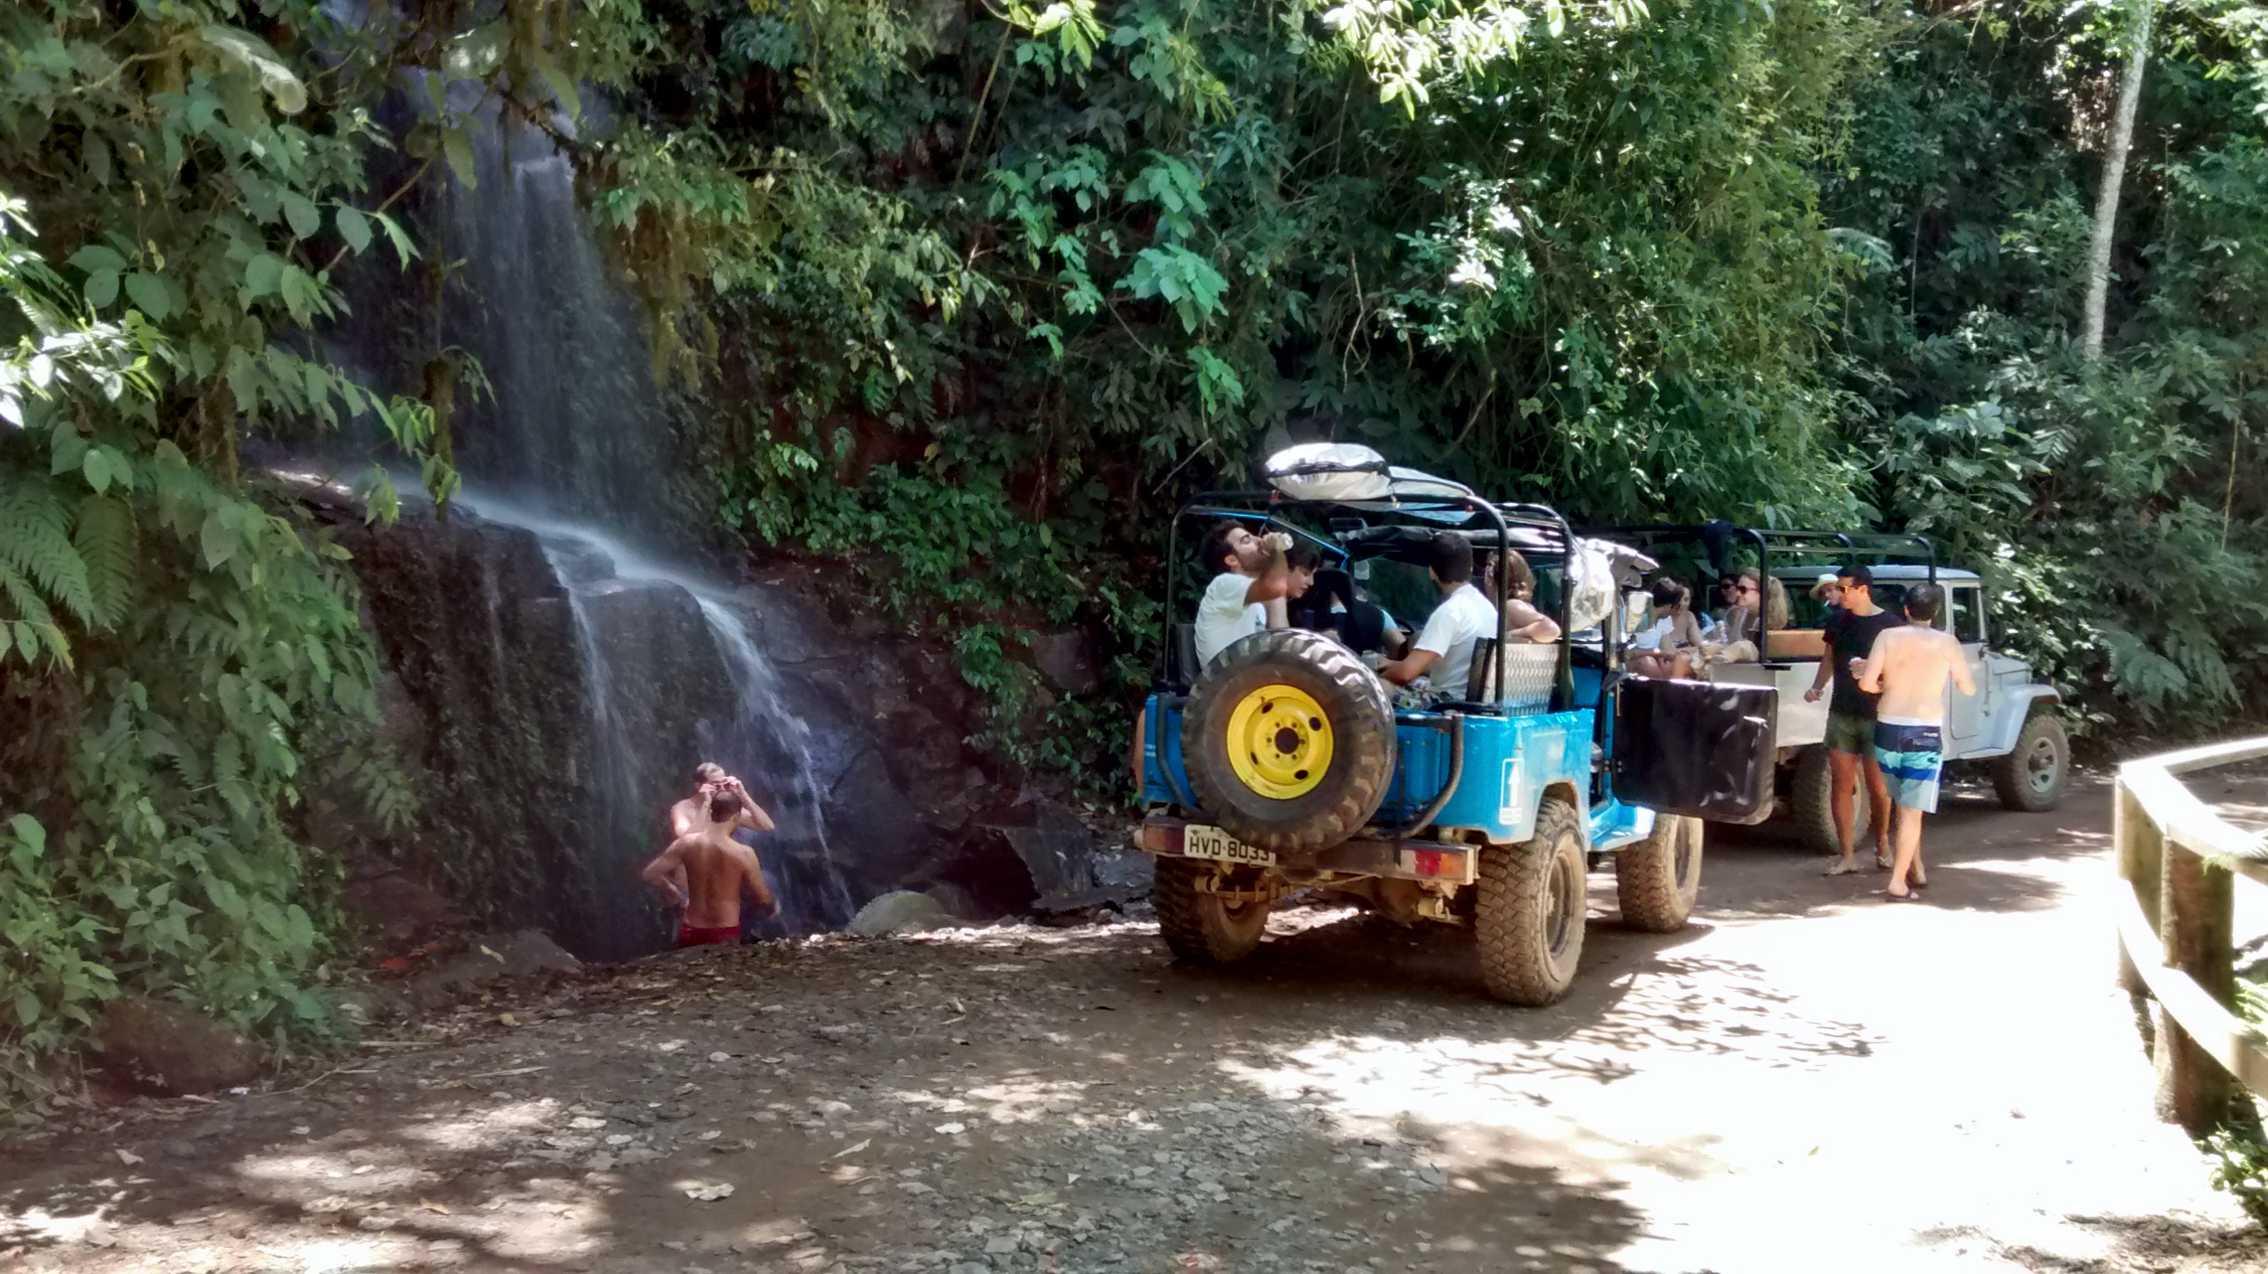 Passeio em Ilhabela chuveirinho (4).jpg